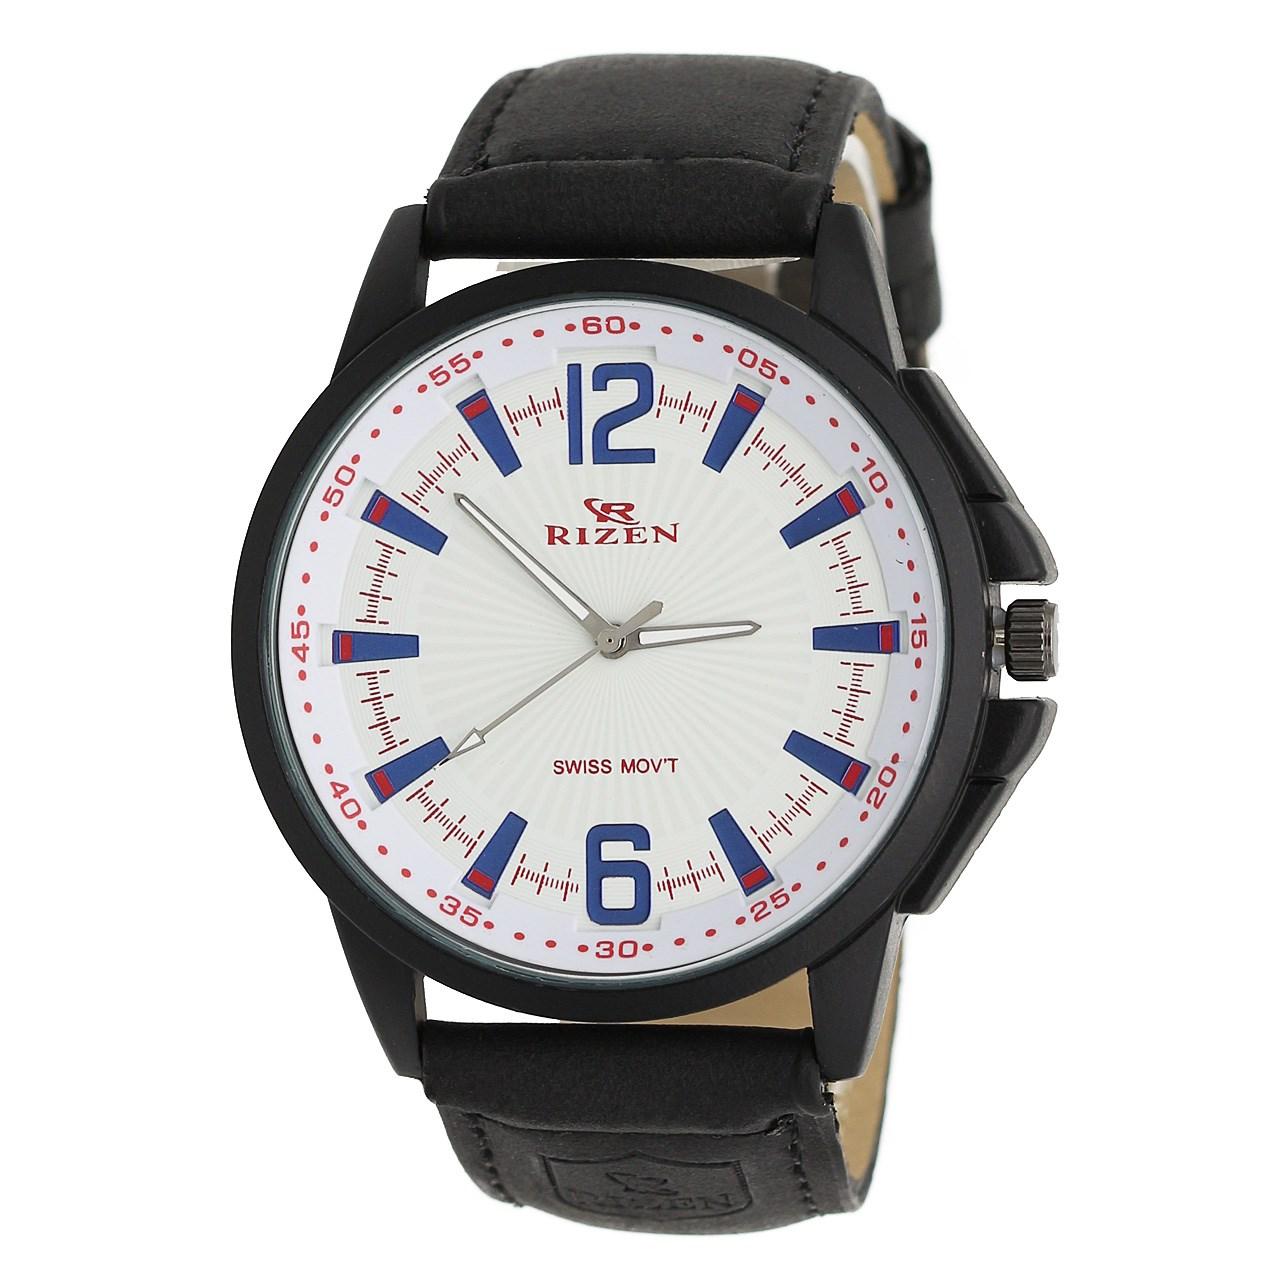 ساعت مچی عقربه ای ریزن مدل RZ790